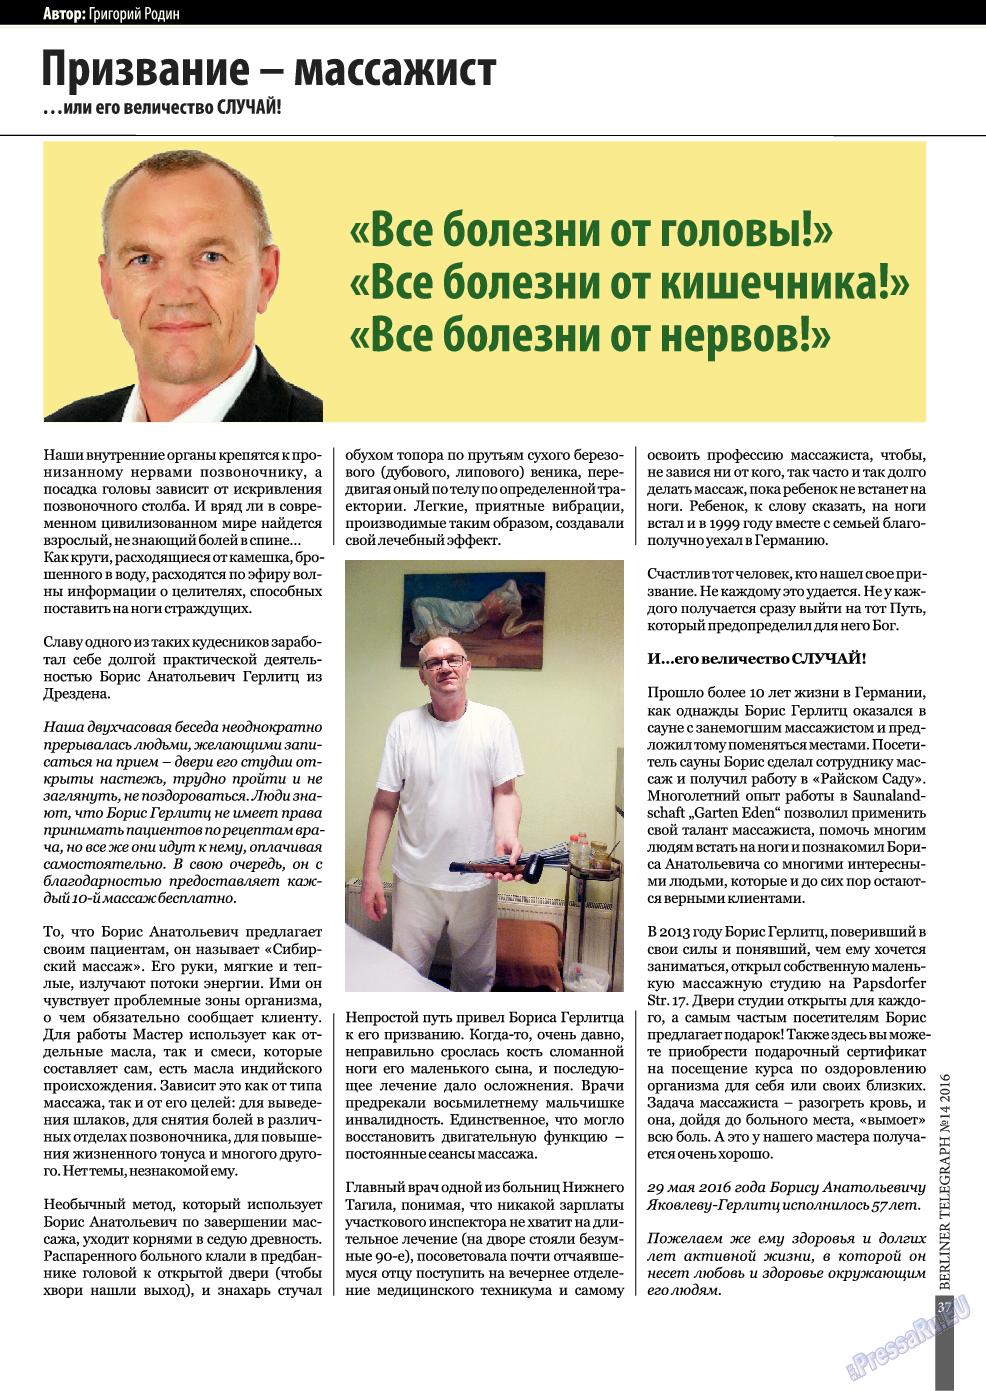 Берлинский телеграф (журнал). 2016 год, номер 14, стр. 37